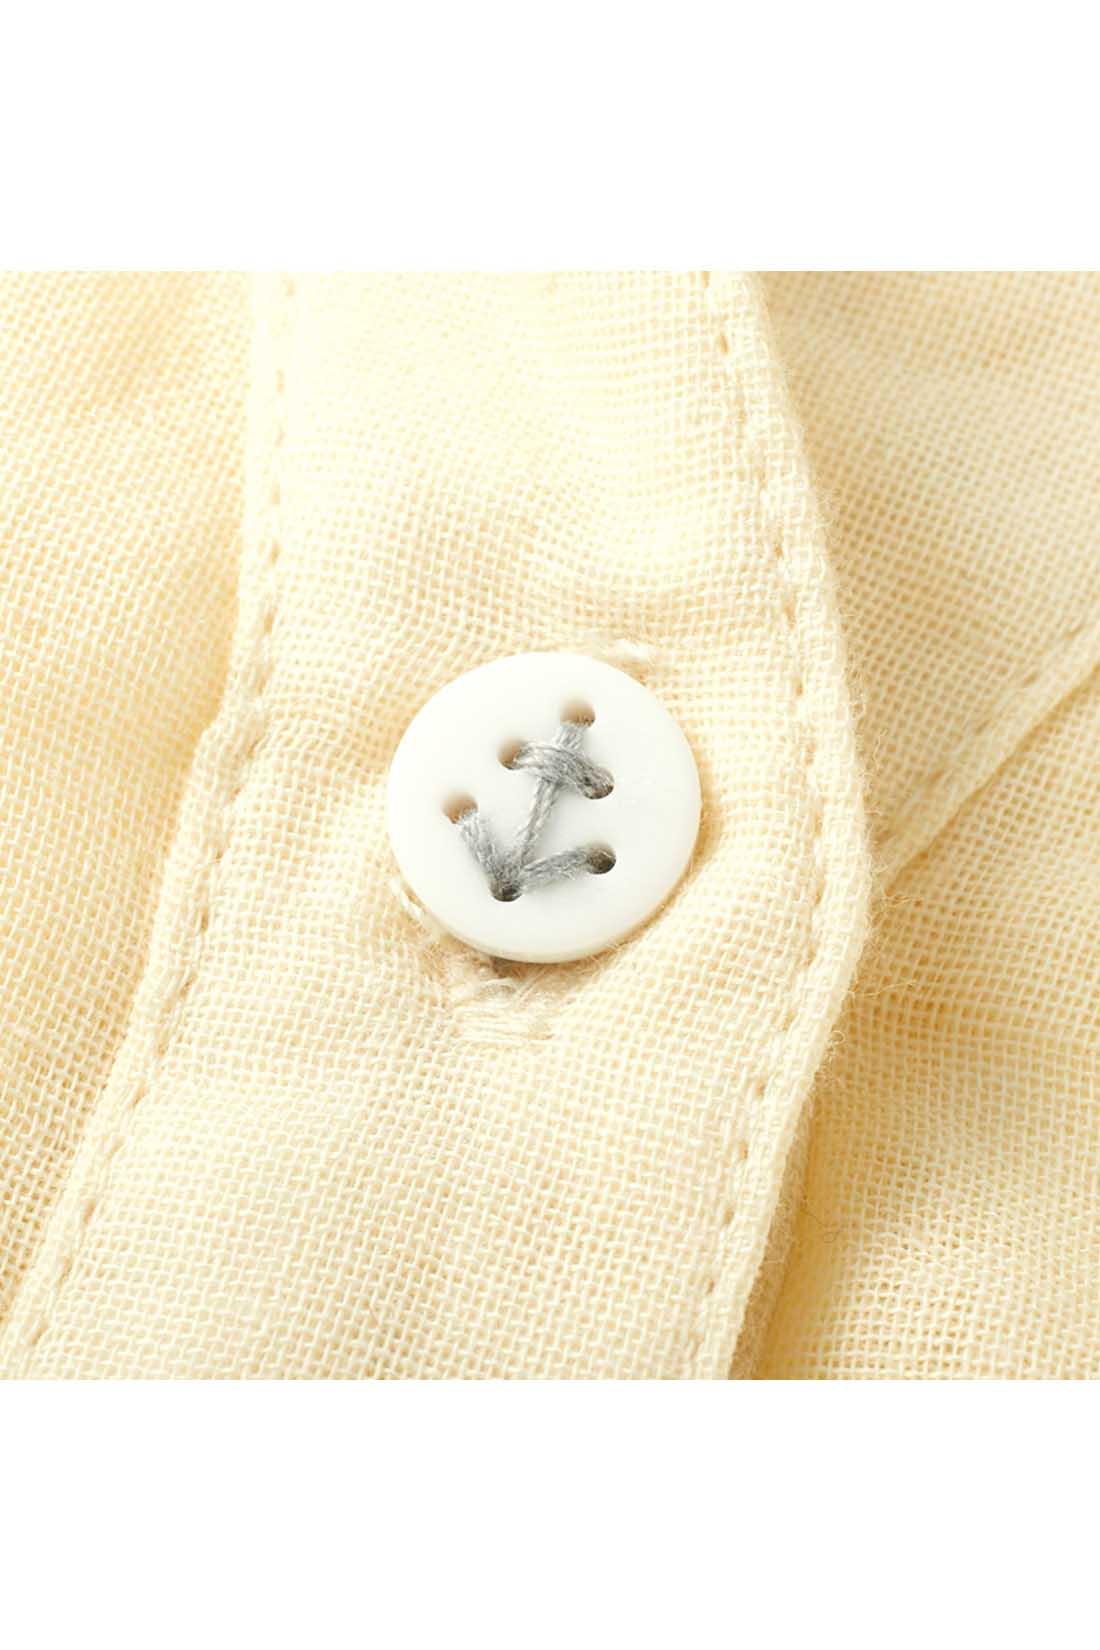 一番上のボタンは、さりげなくおしゃれなイカリマーク入り。 ※お届けするカラーとは異なります。